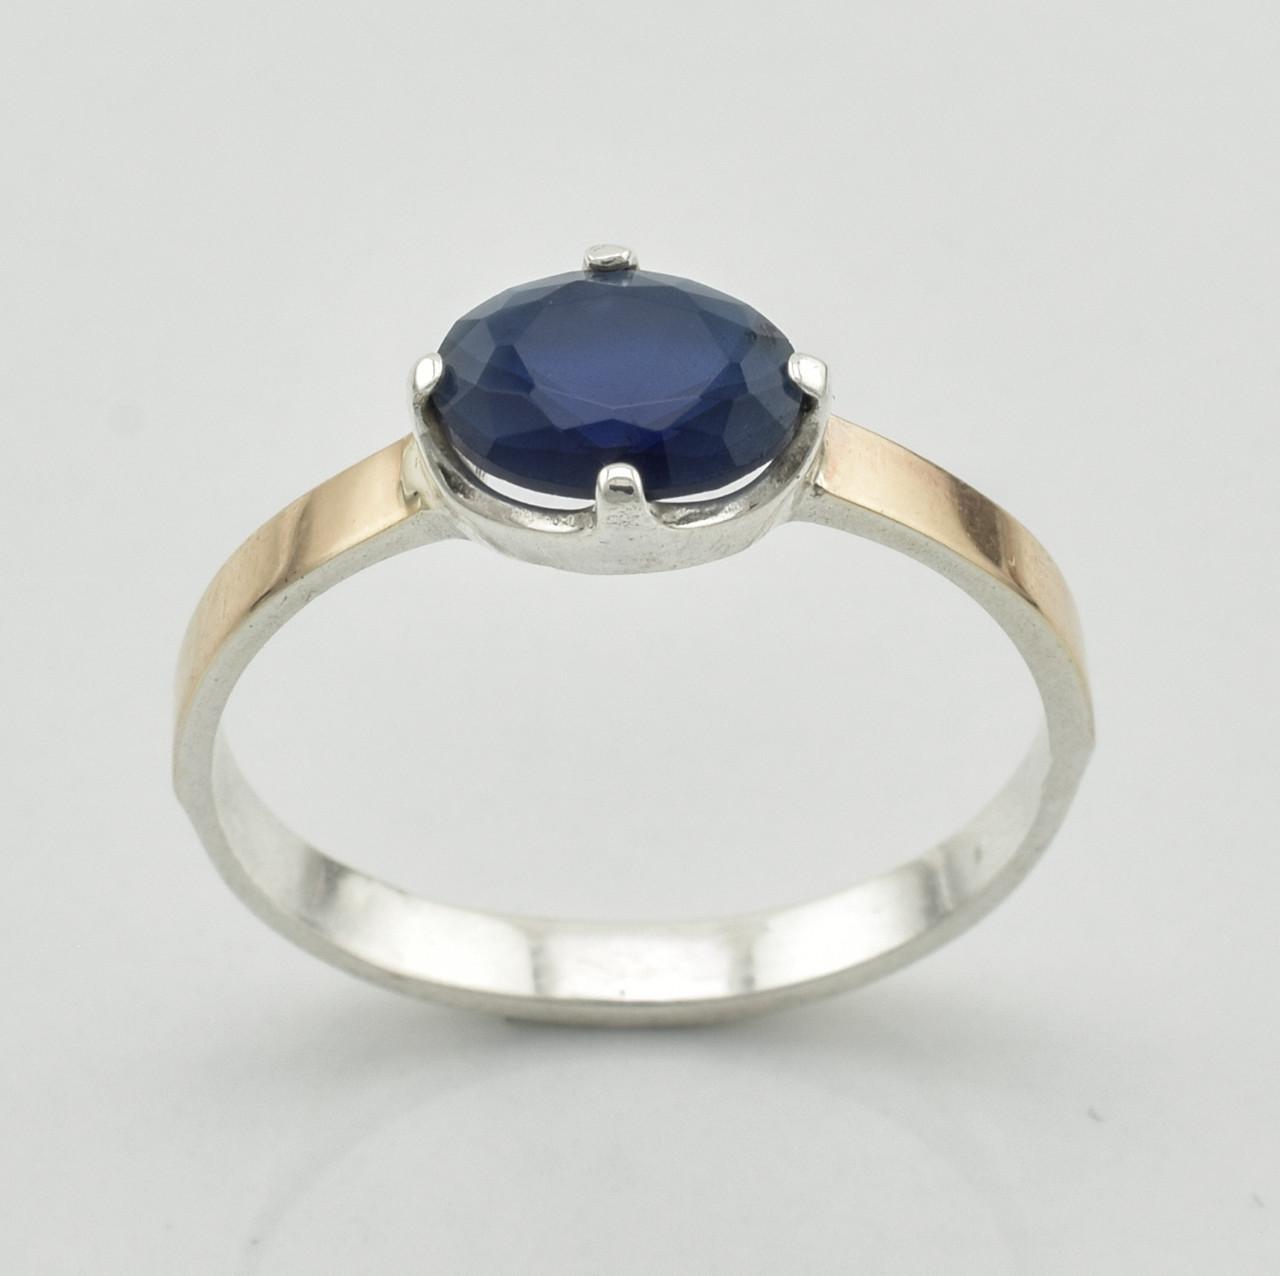 Серебряное кольцо 316 пк, вставка синий алпанит, вес 1.92 г, размер 20